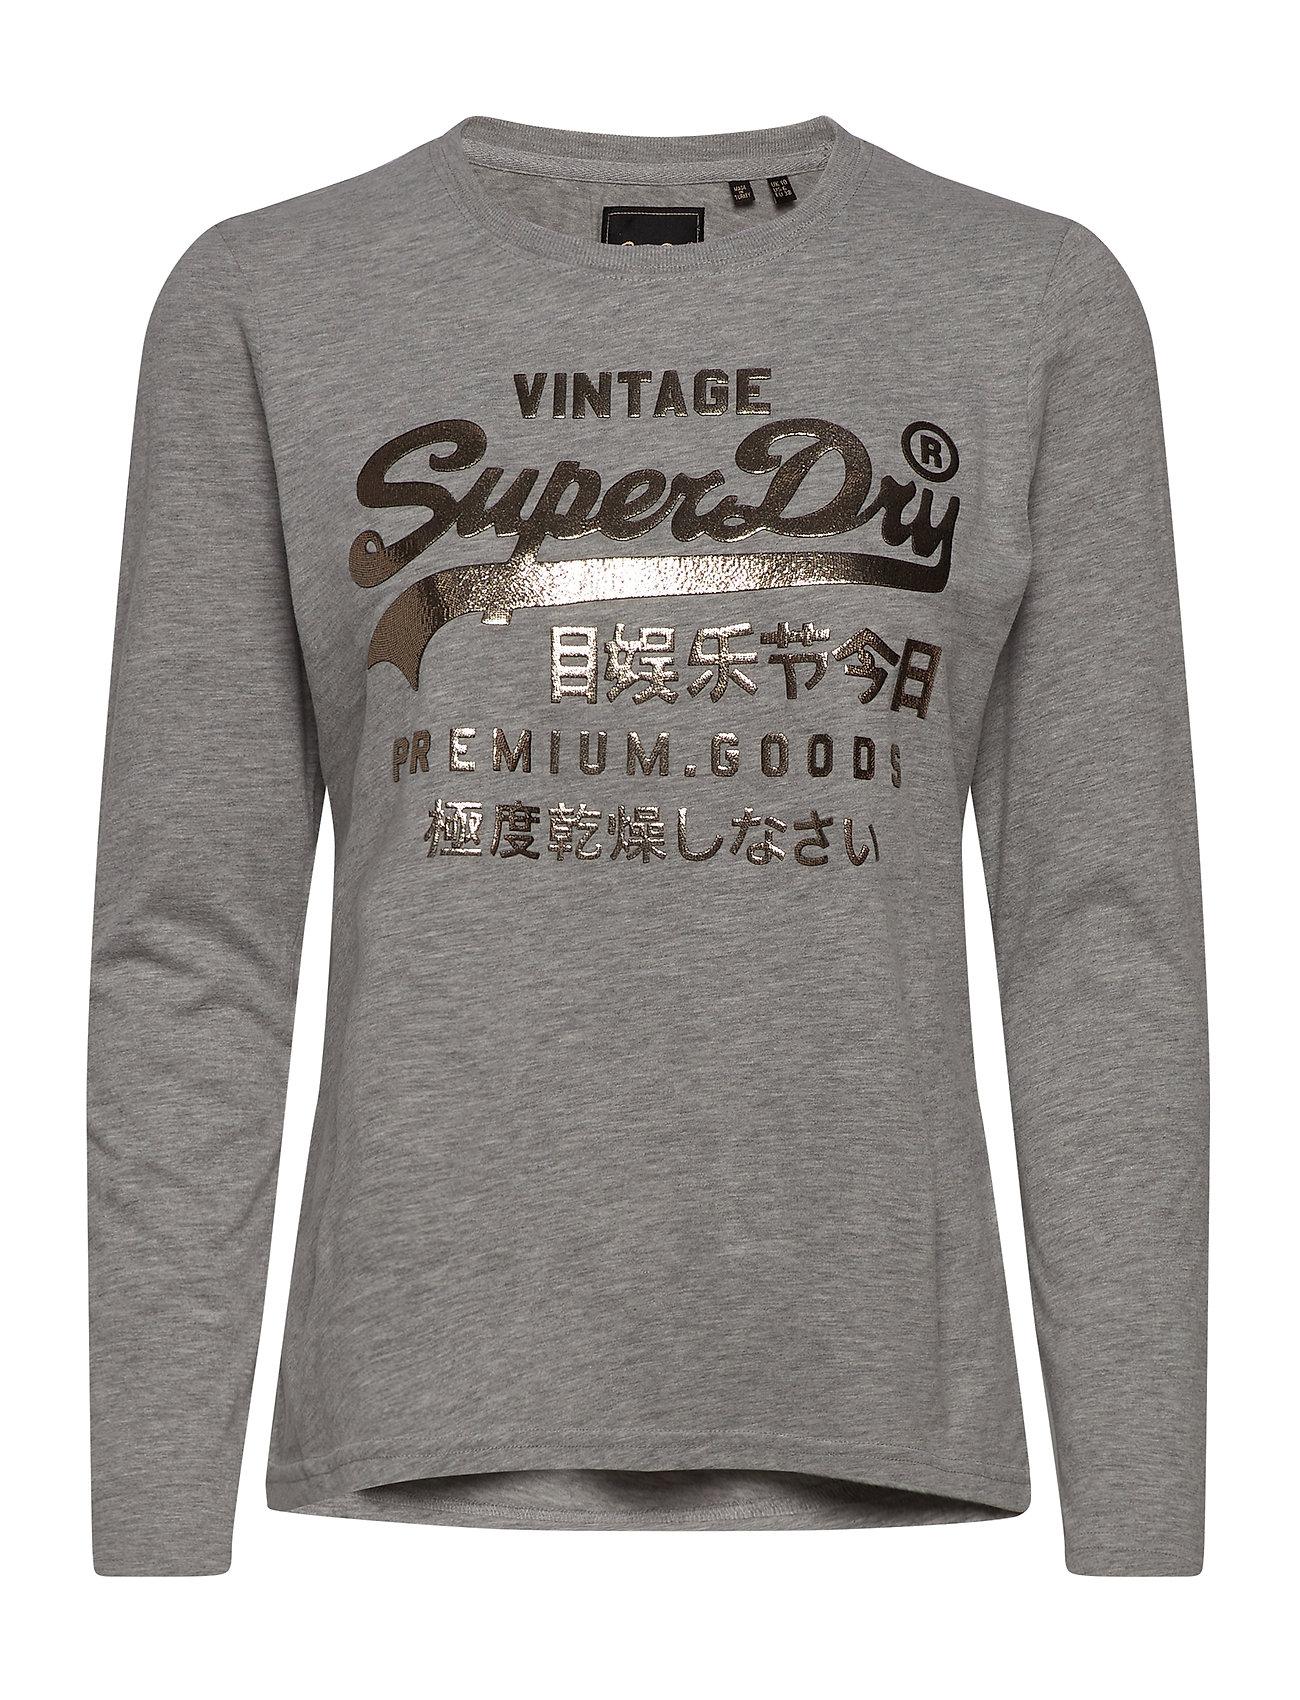 Image of Premium Goods Metallic Ls Top Langærmet T-shirt Grå Superdry (3428005809)